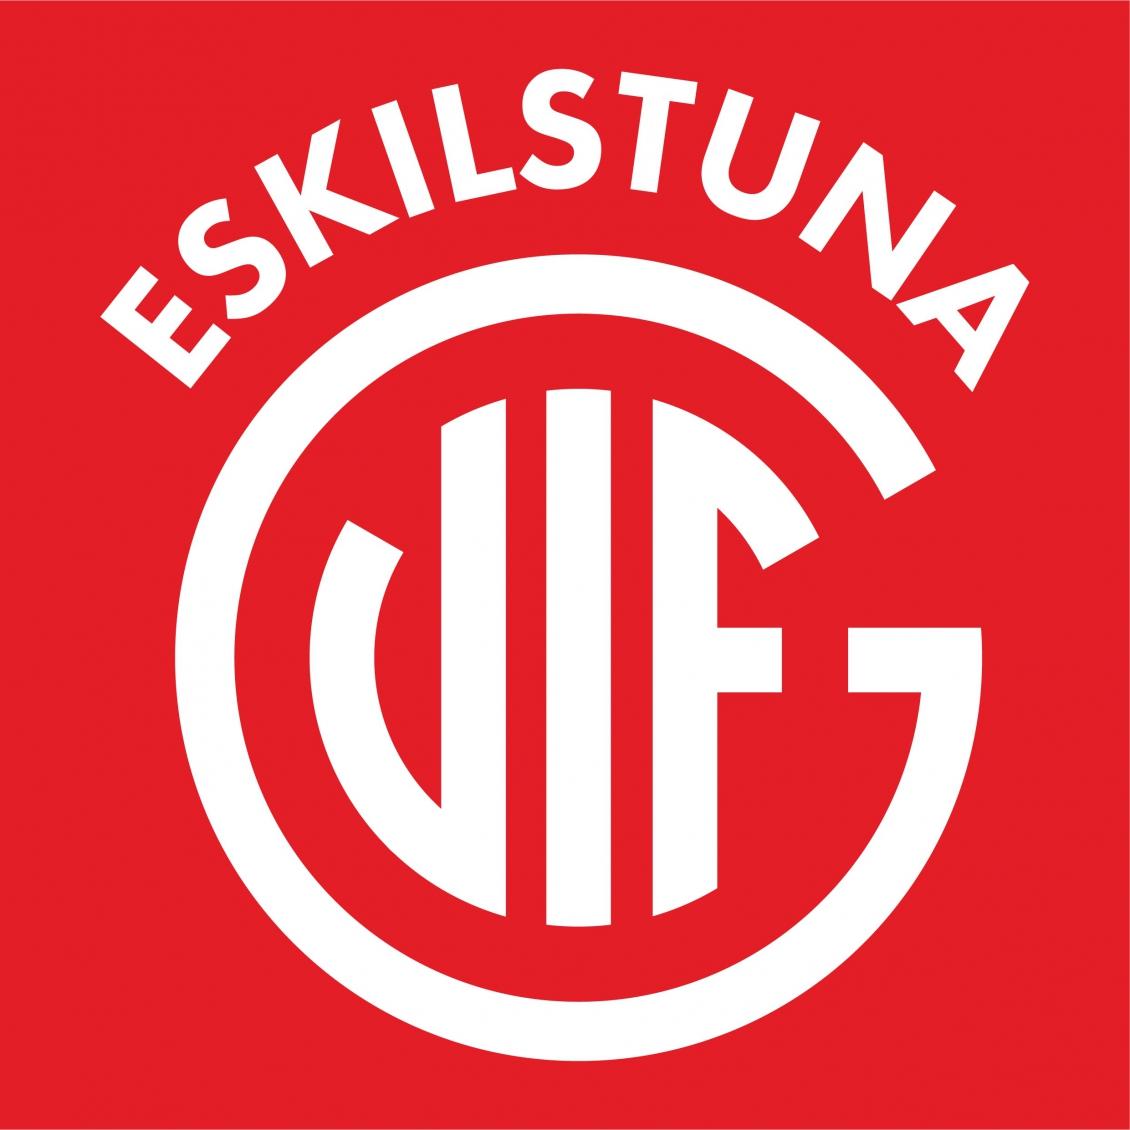 Milica Raicevic och Eskilstuna Guif går skilda vägar